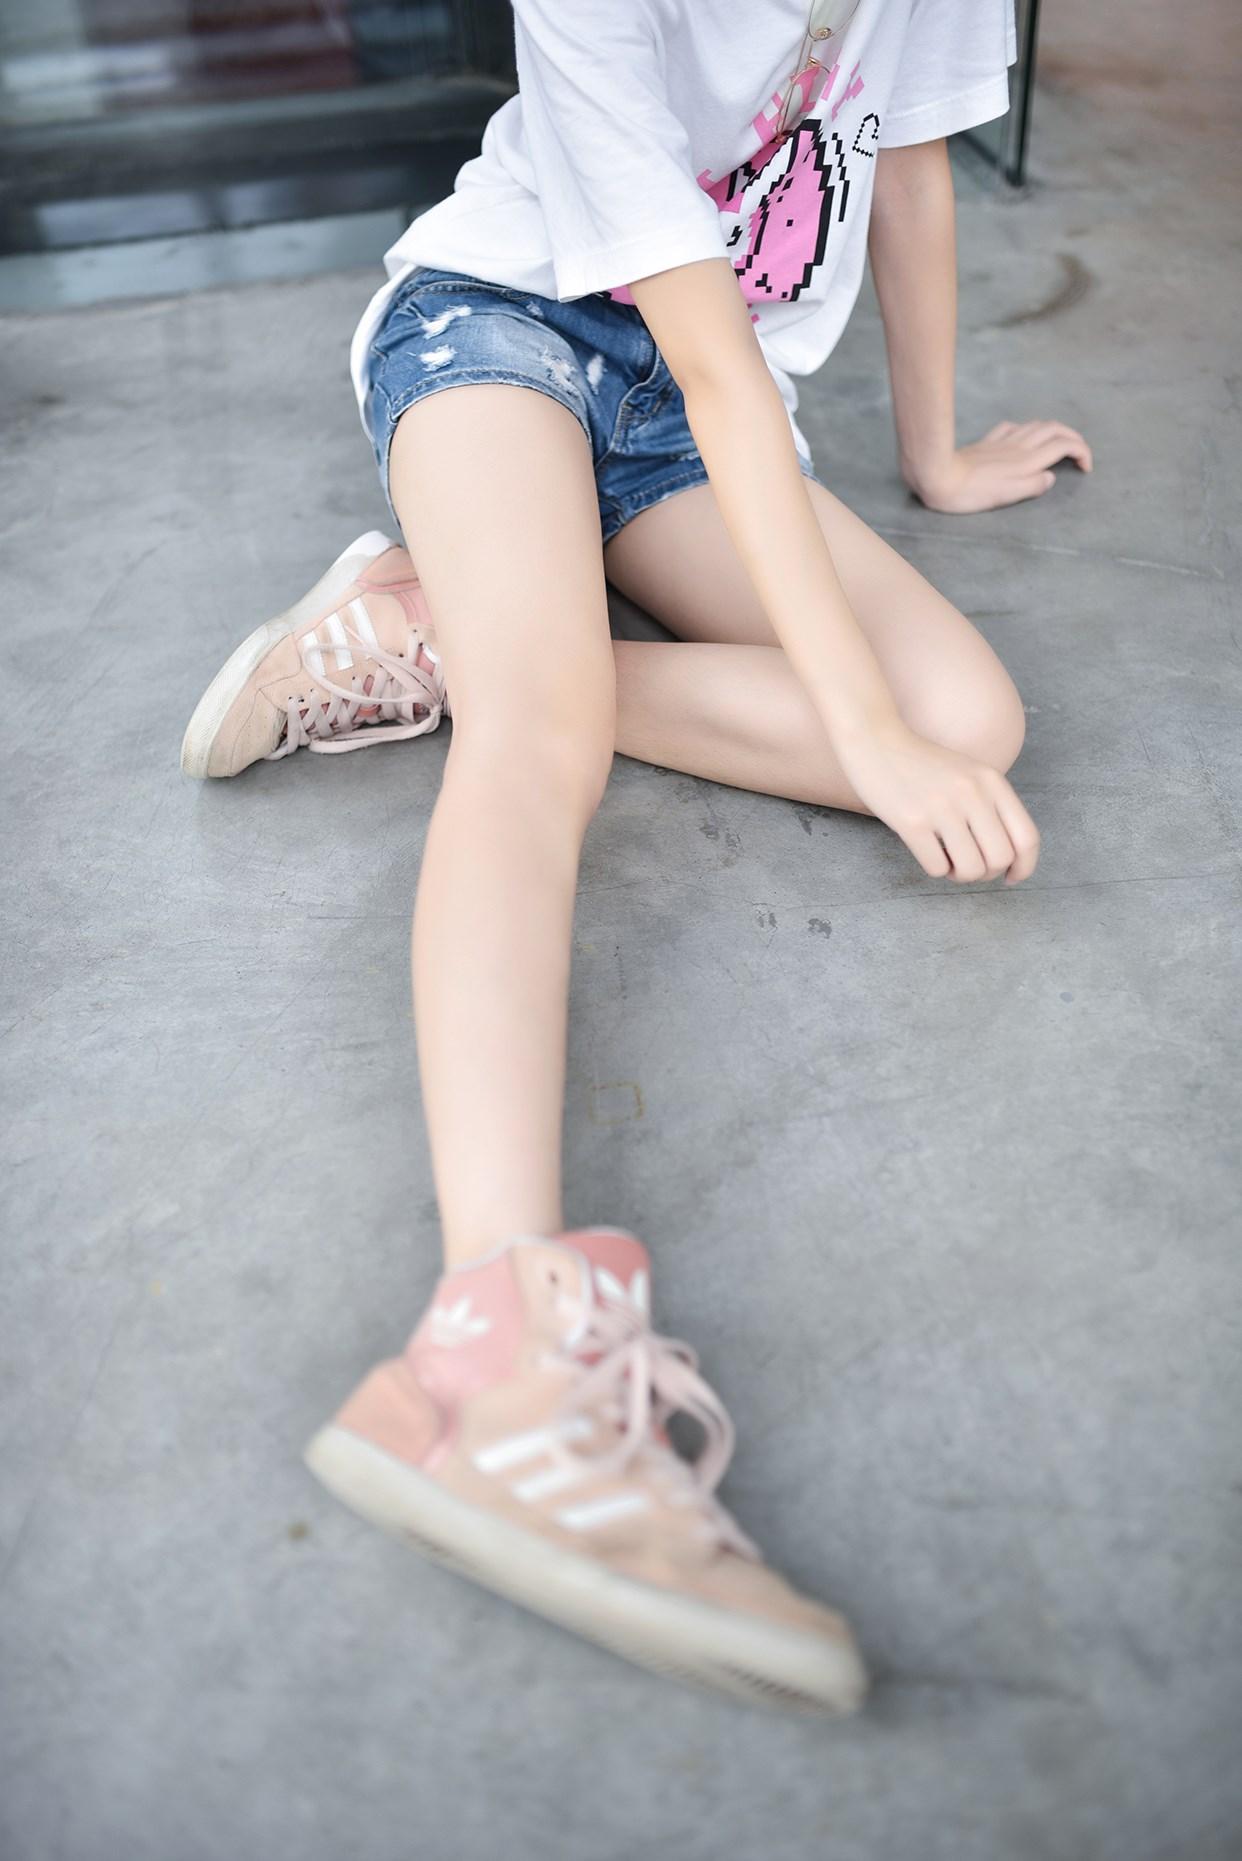 【兔玩映画】短发妹子的小细腿 兔玩映画 第23张